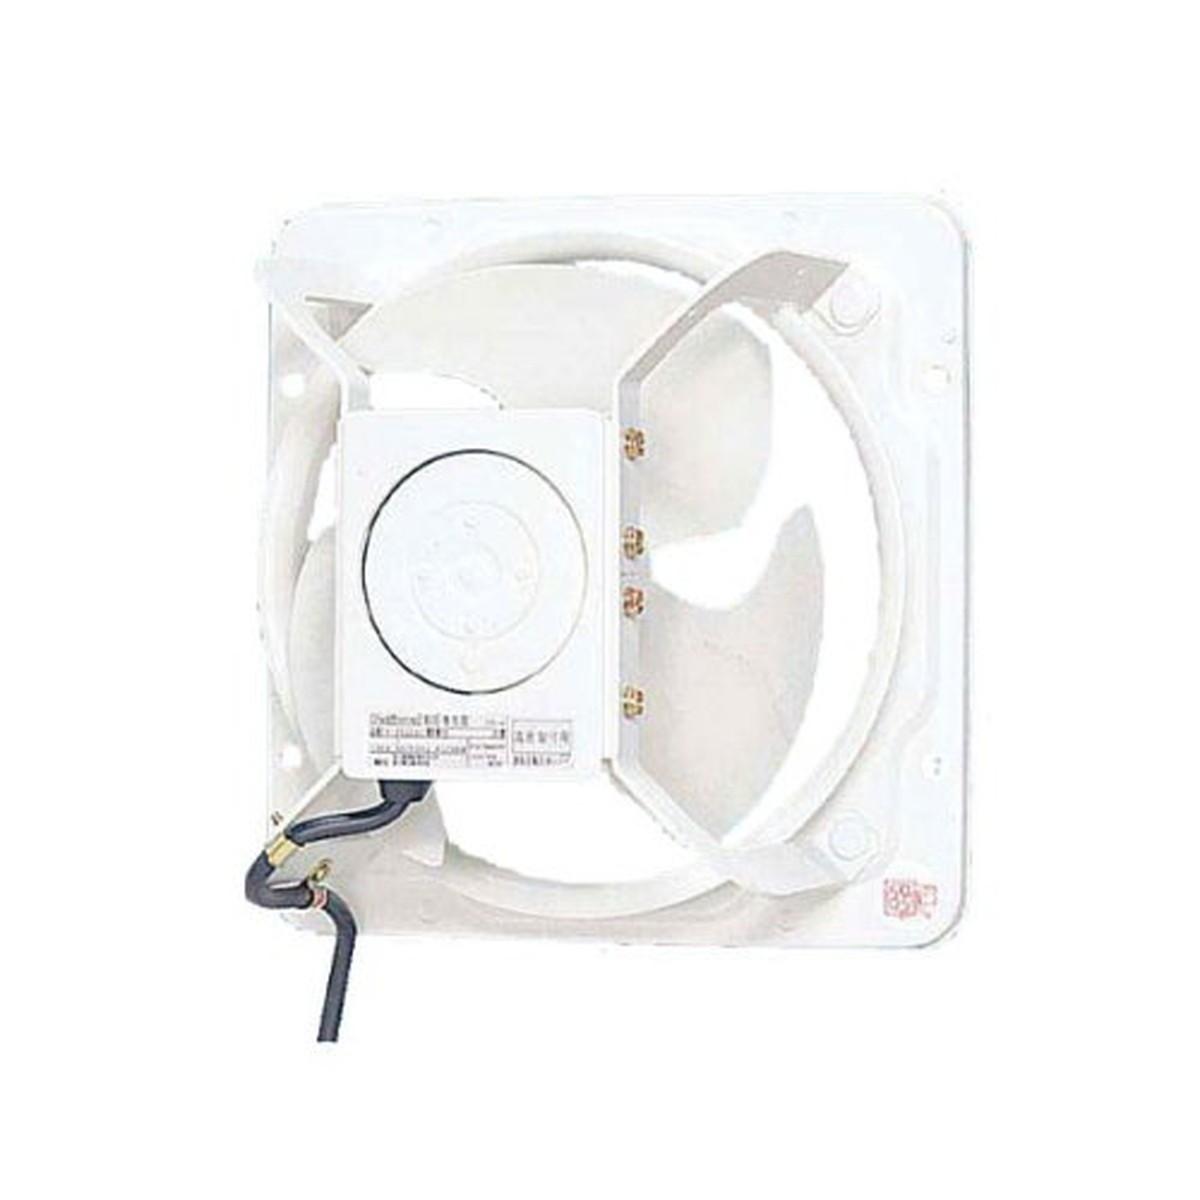 パナソニック(Panasonic) 有圧換気扇 産業用有圧換気扇 FY-25GSU3